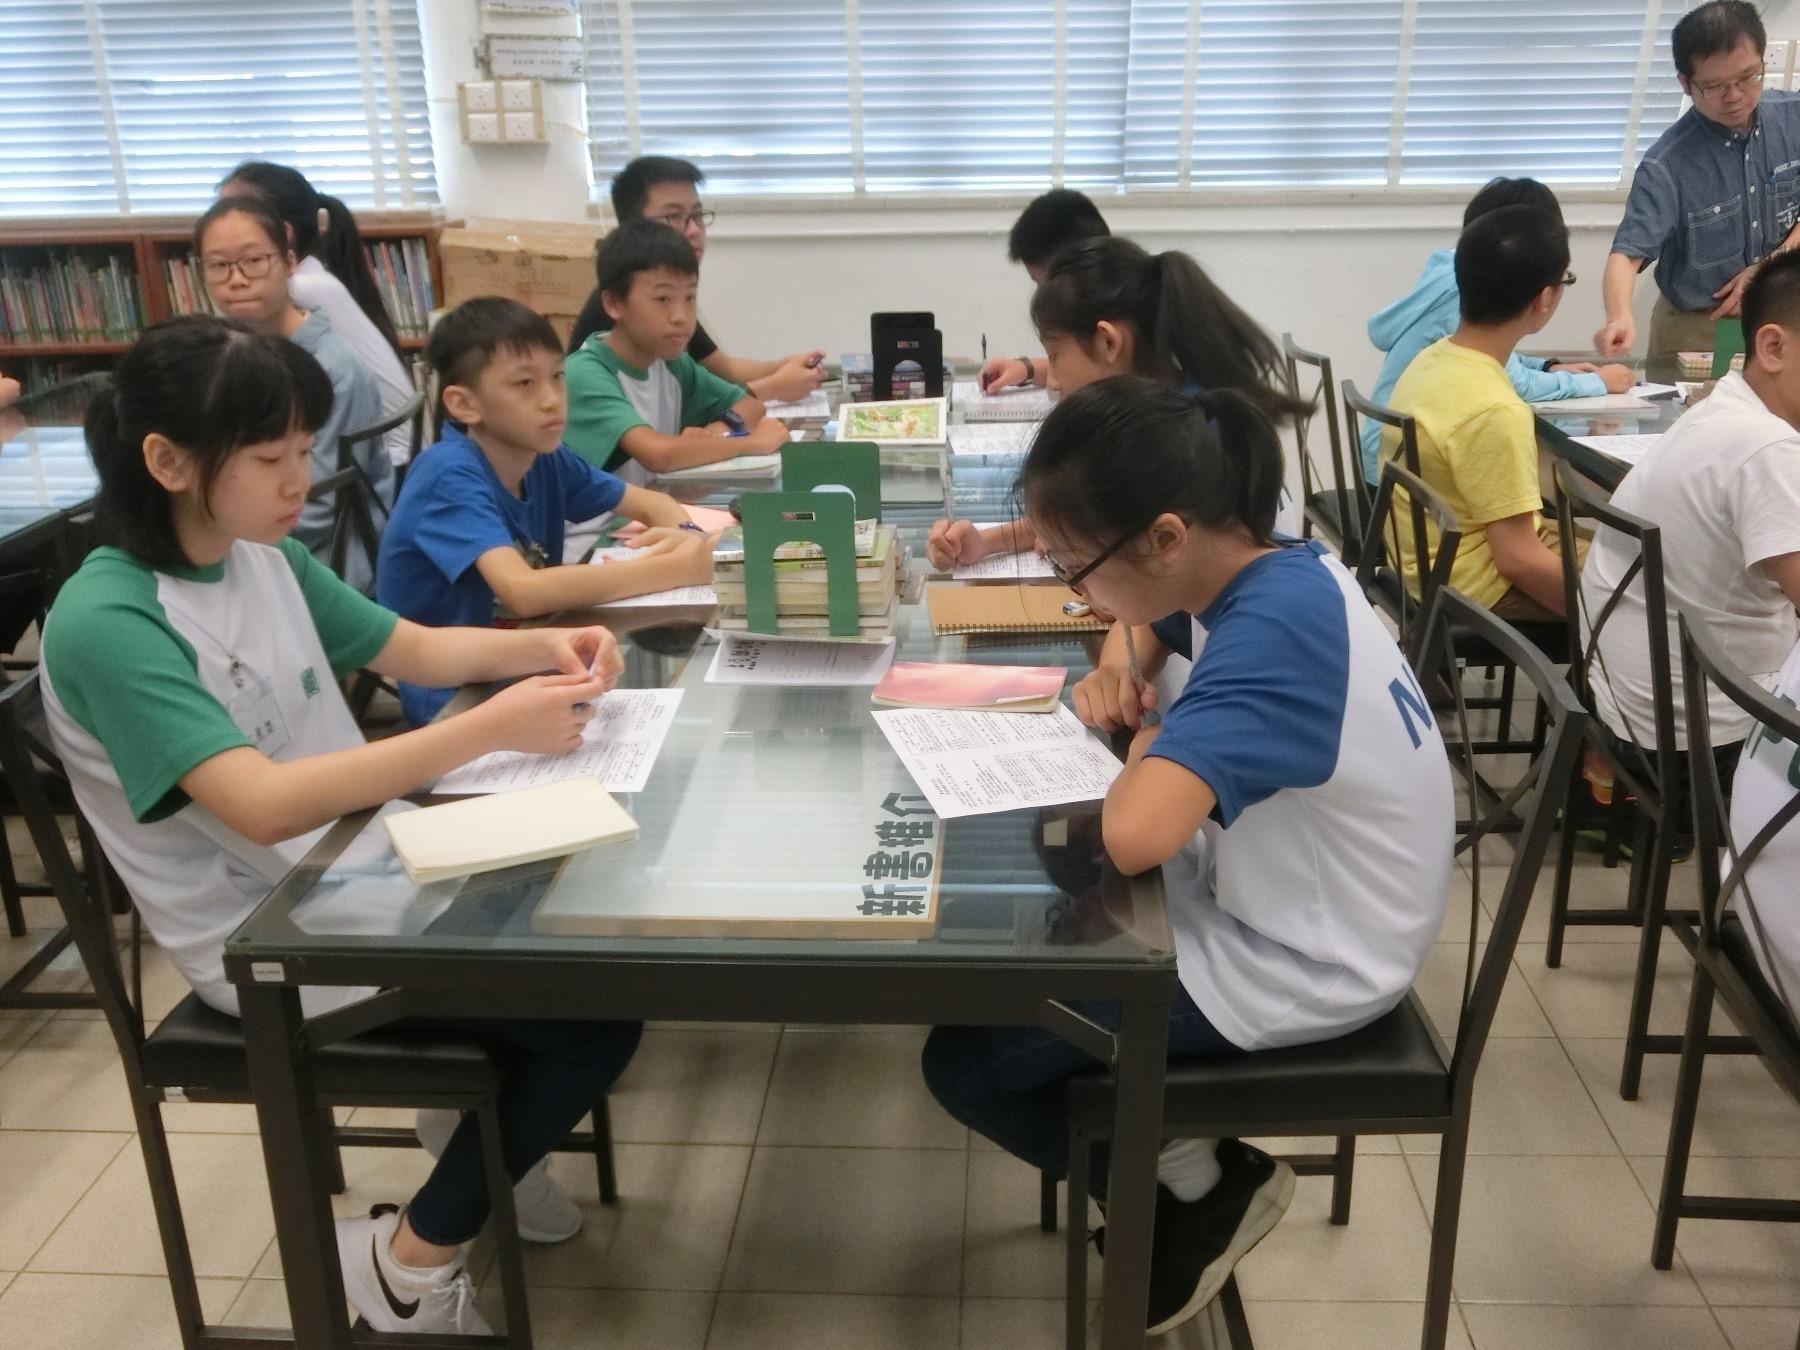 http://www.npc.edu.hk/sites/default/files/1c_kai_qi_zhi_shi_bao_ku_05.jpg